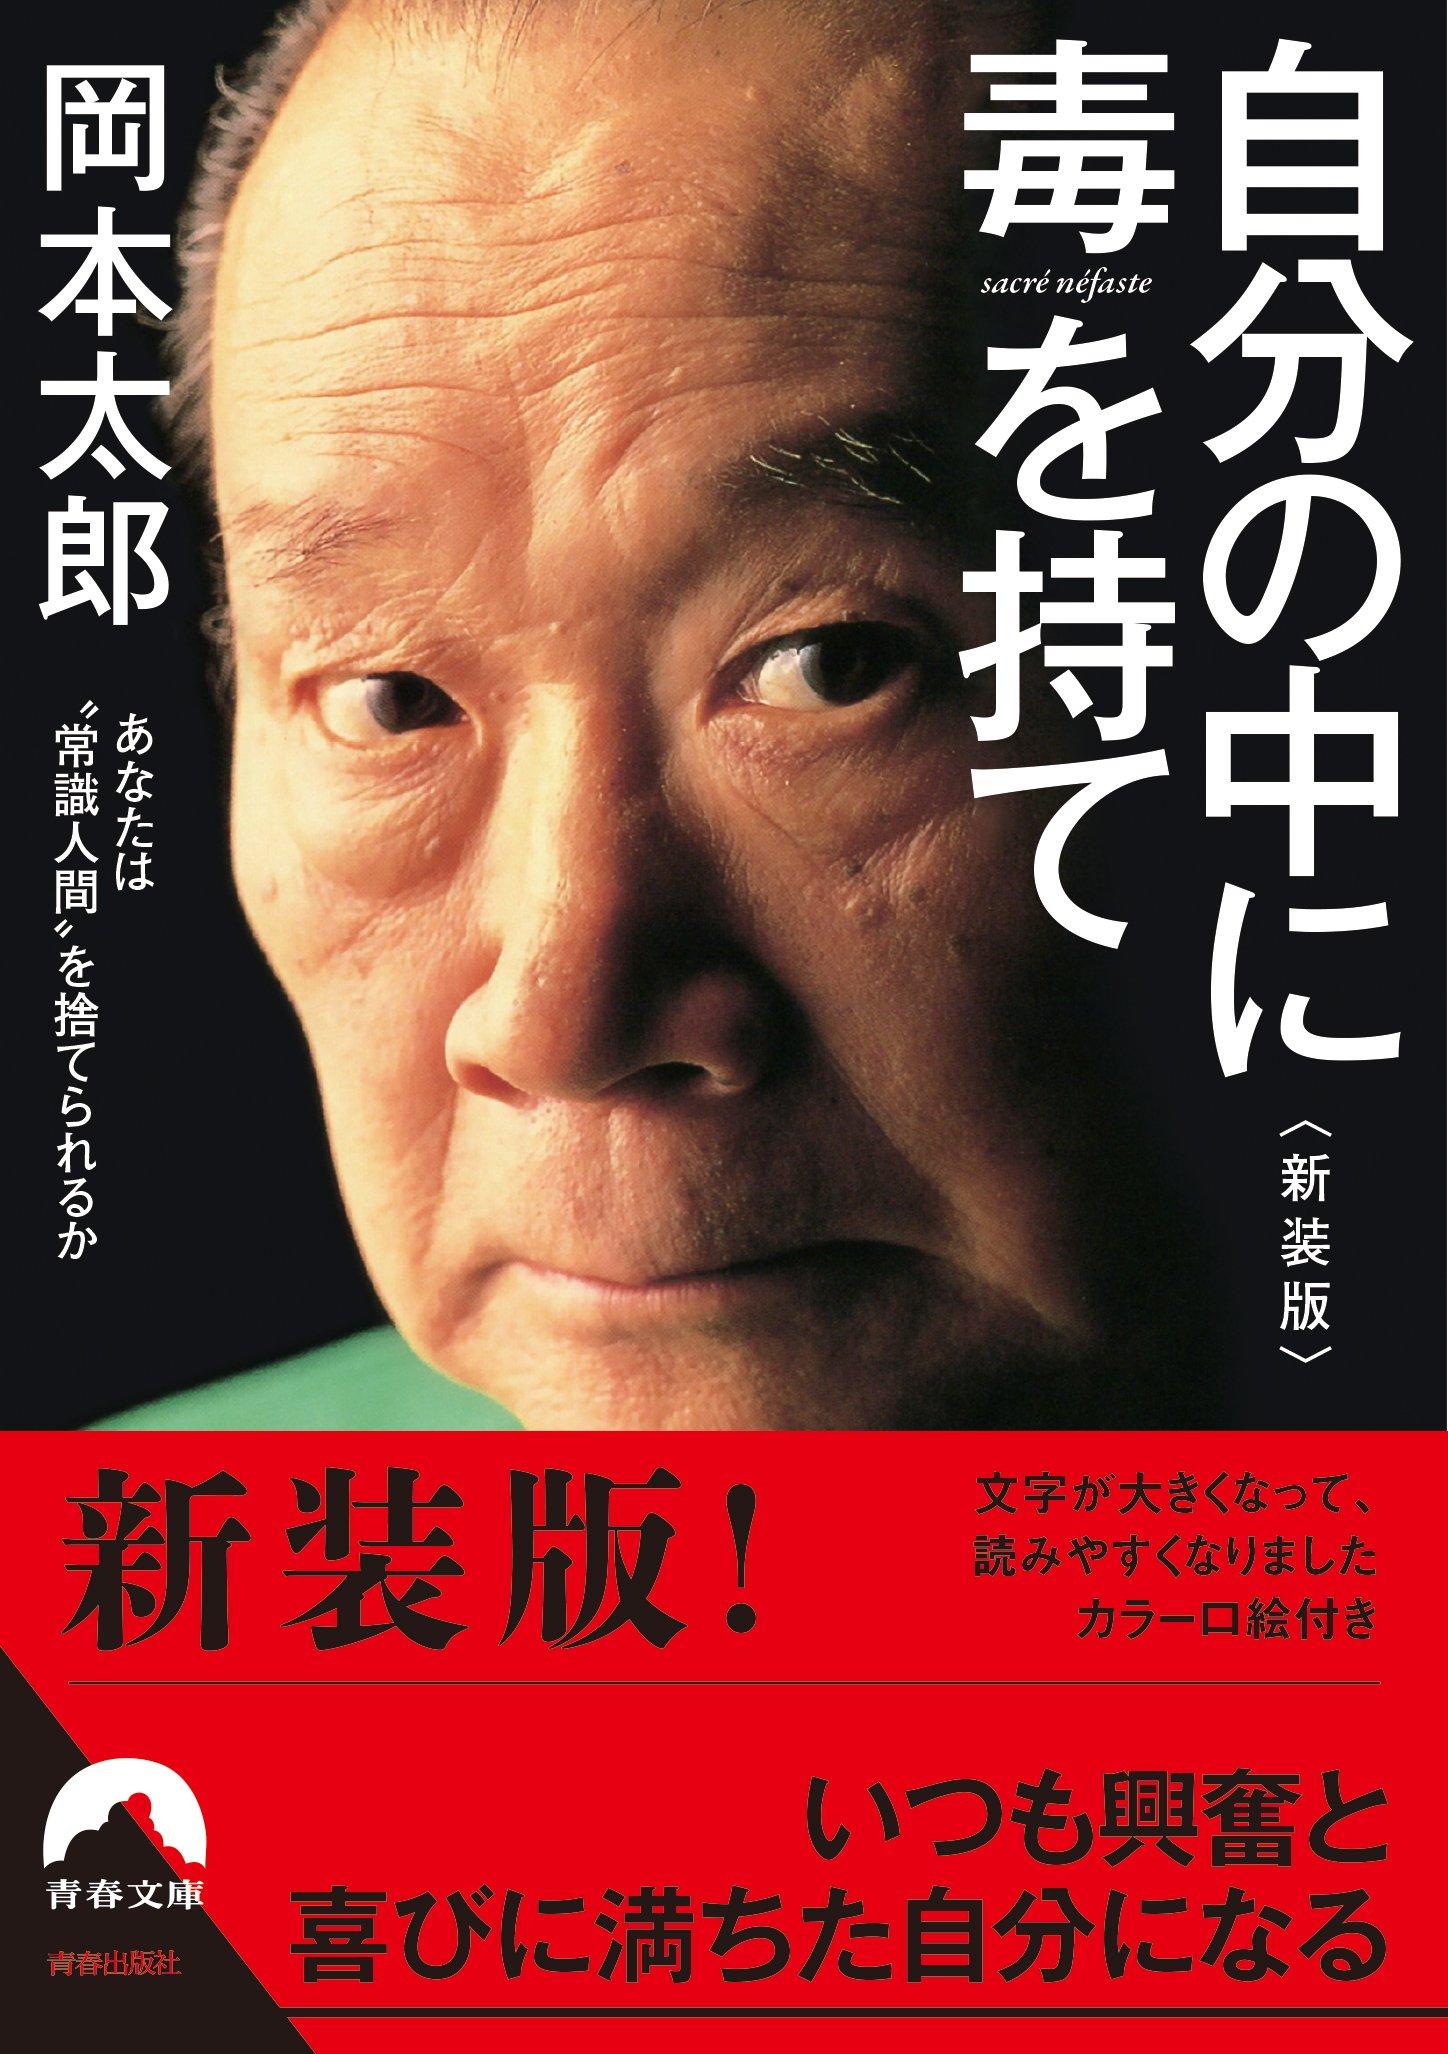 岡本太郎(2017)『自分の中に毒を持て』青春文庫